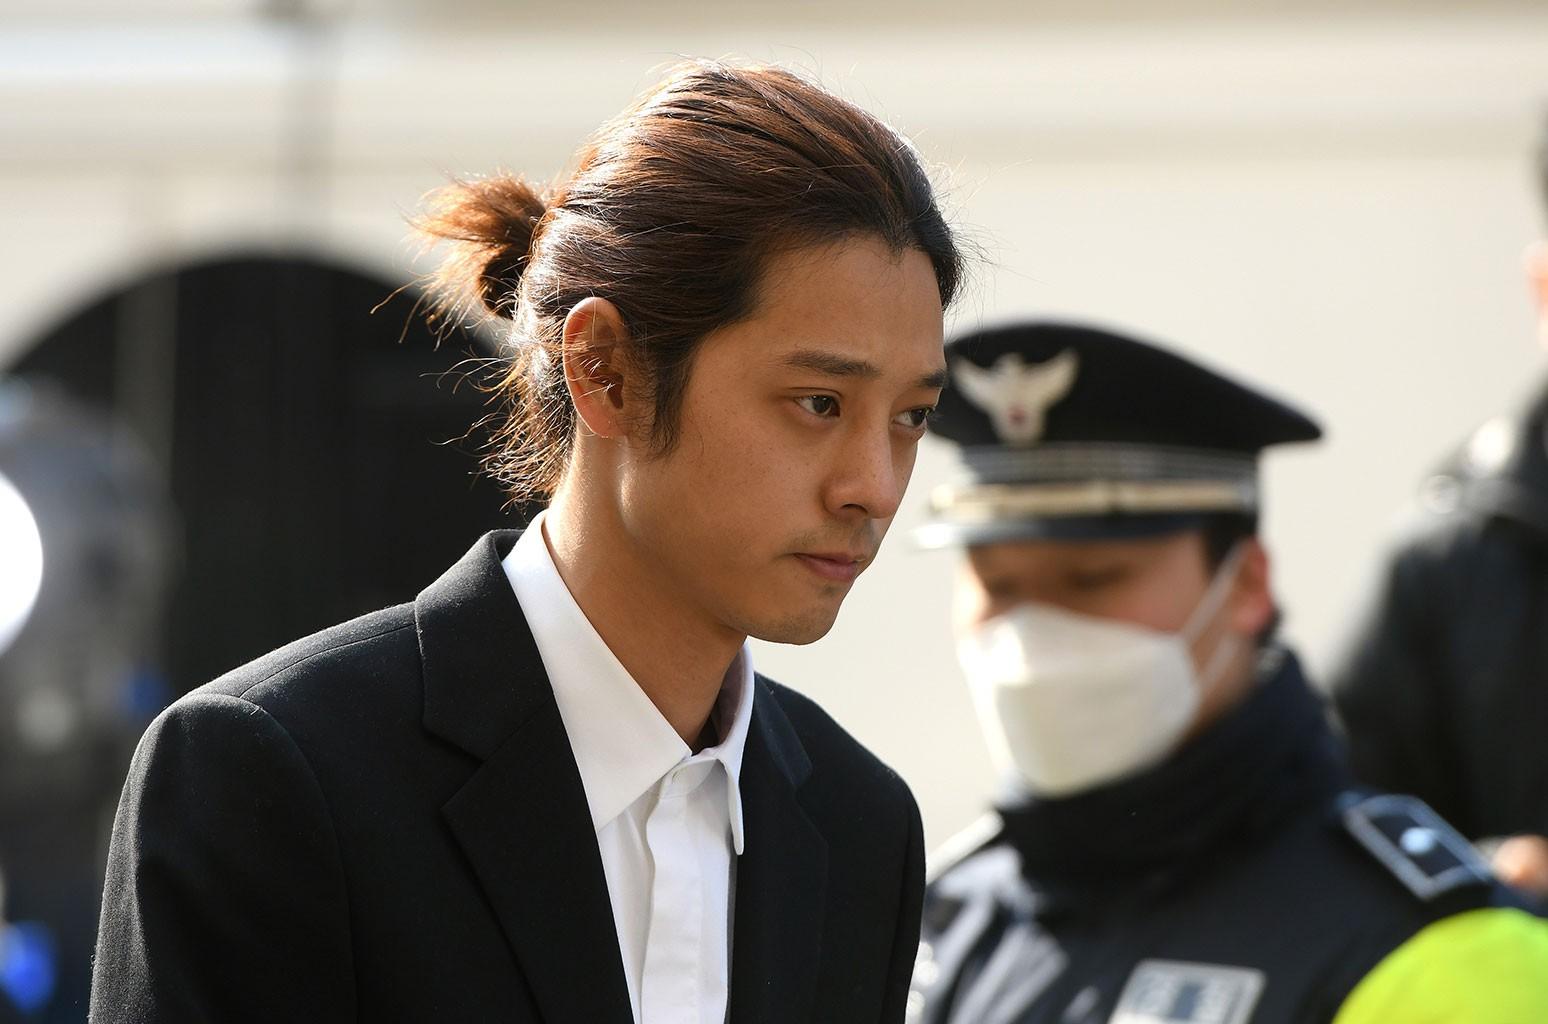 Hậu quả từ scandal của Jung Joon Young: Khiến 1 show thực tế ngừng phát sóng vô thời hạn - Ảnh 1.